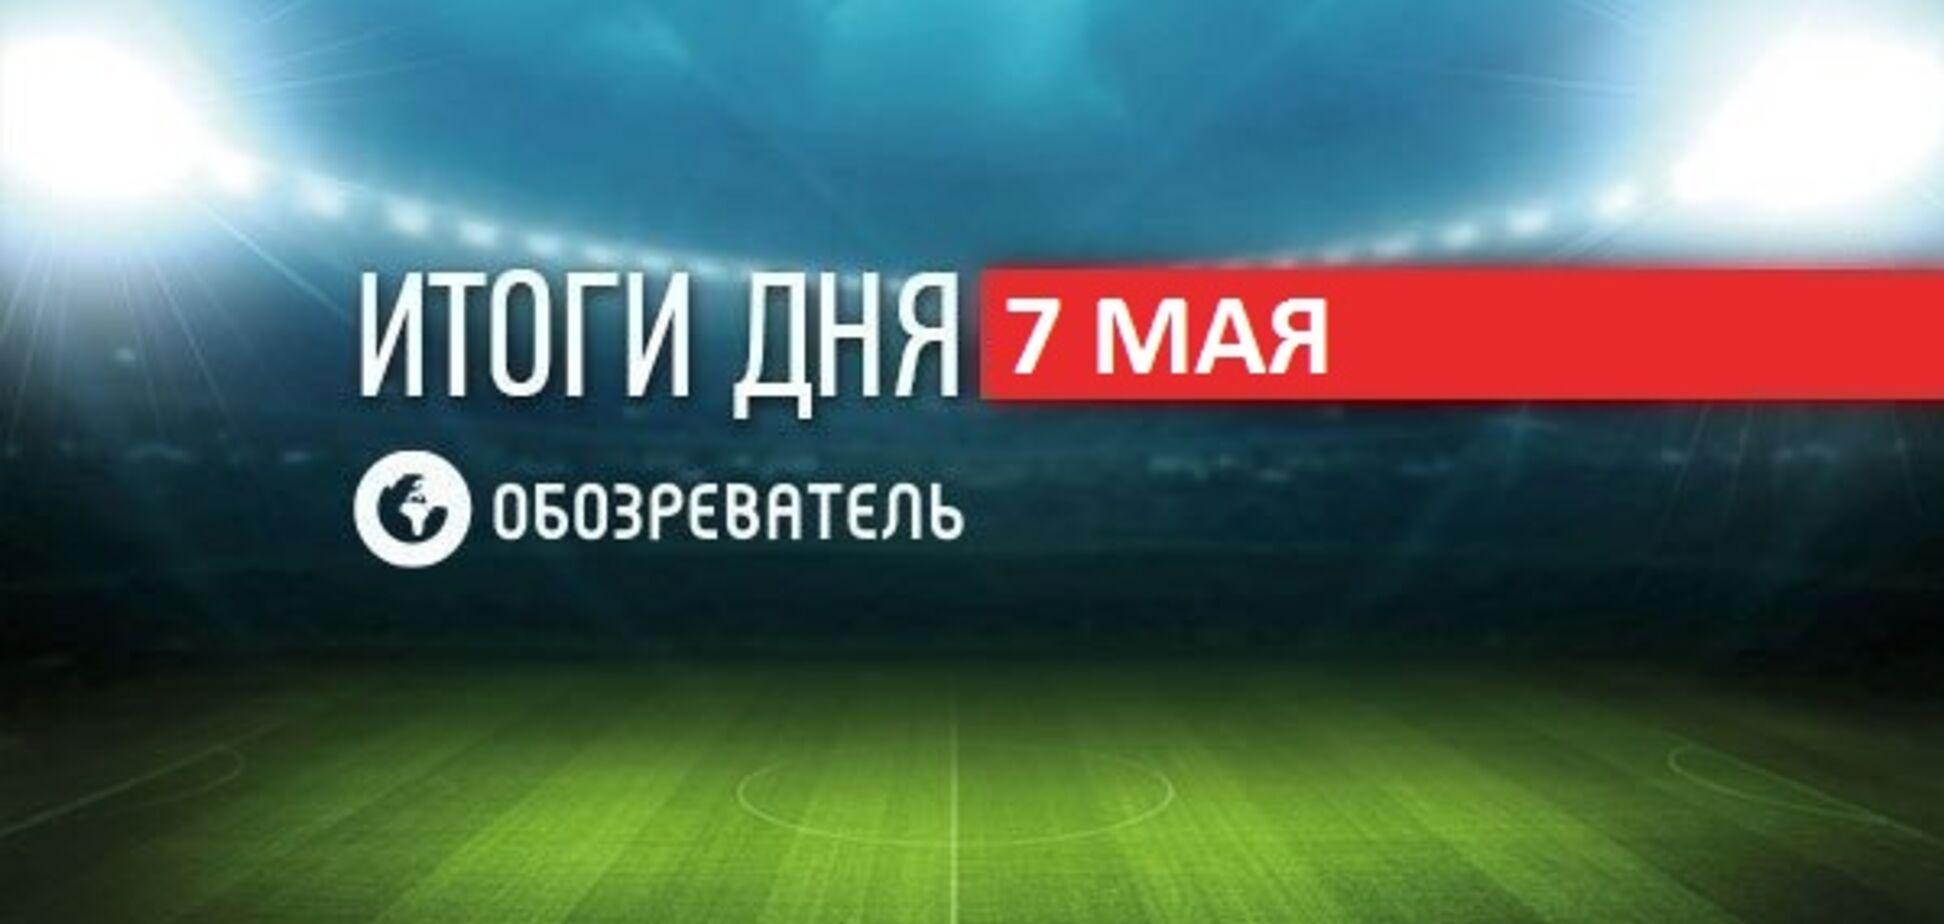 Усику и Ломаченко, попавших в базу 'Миротворца', готовы дать гражданство РФ: спортивные итоги 7 мая